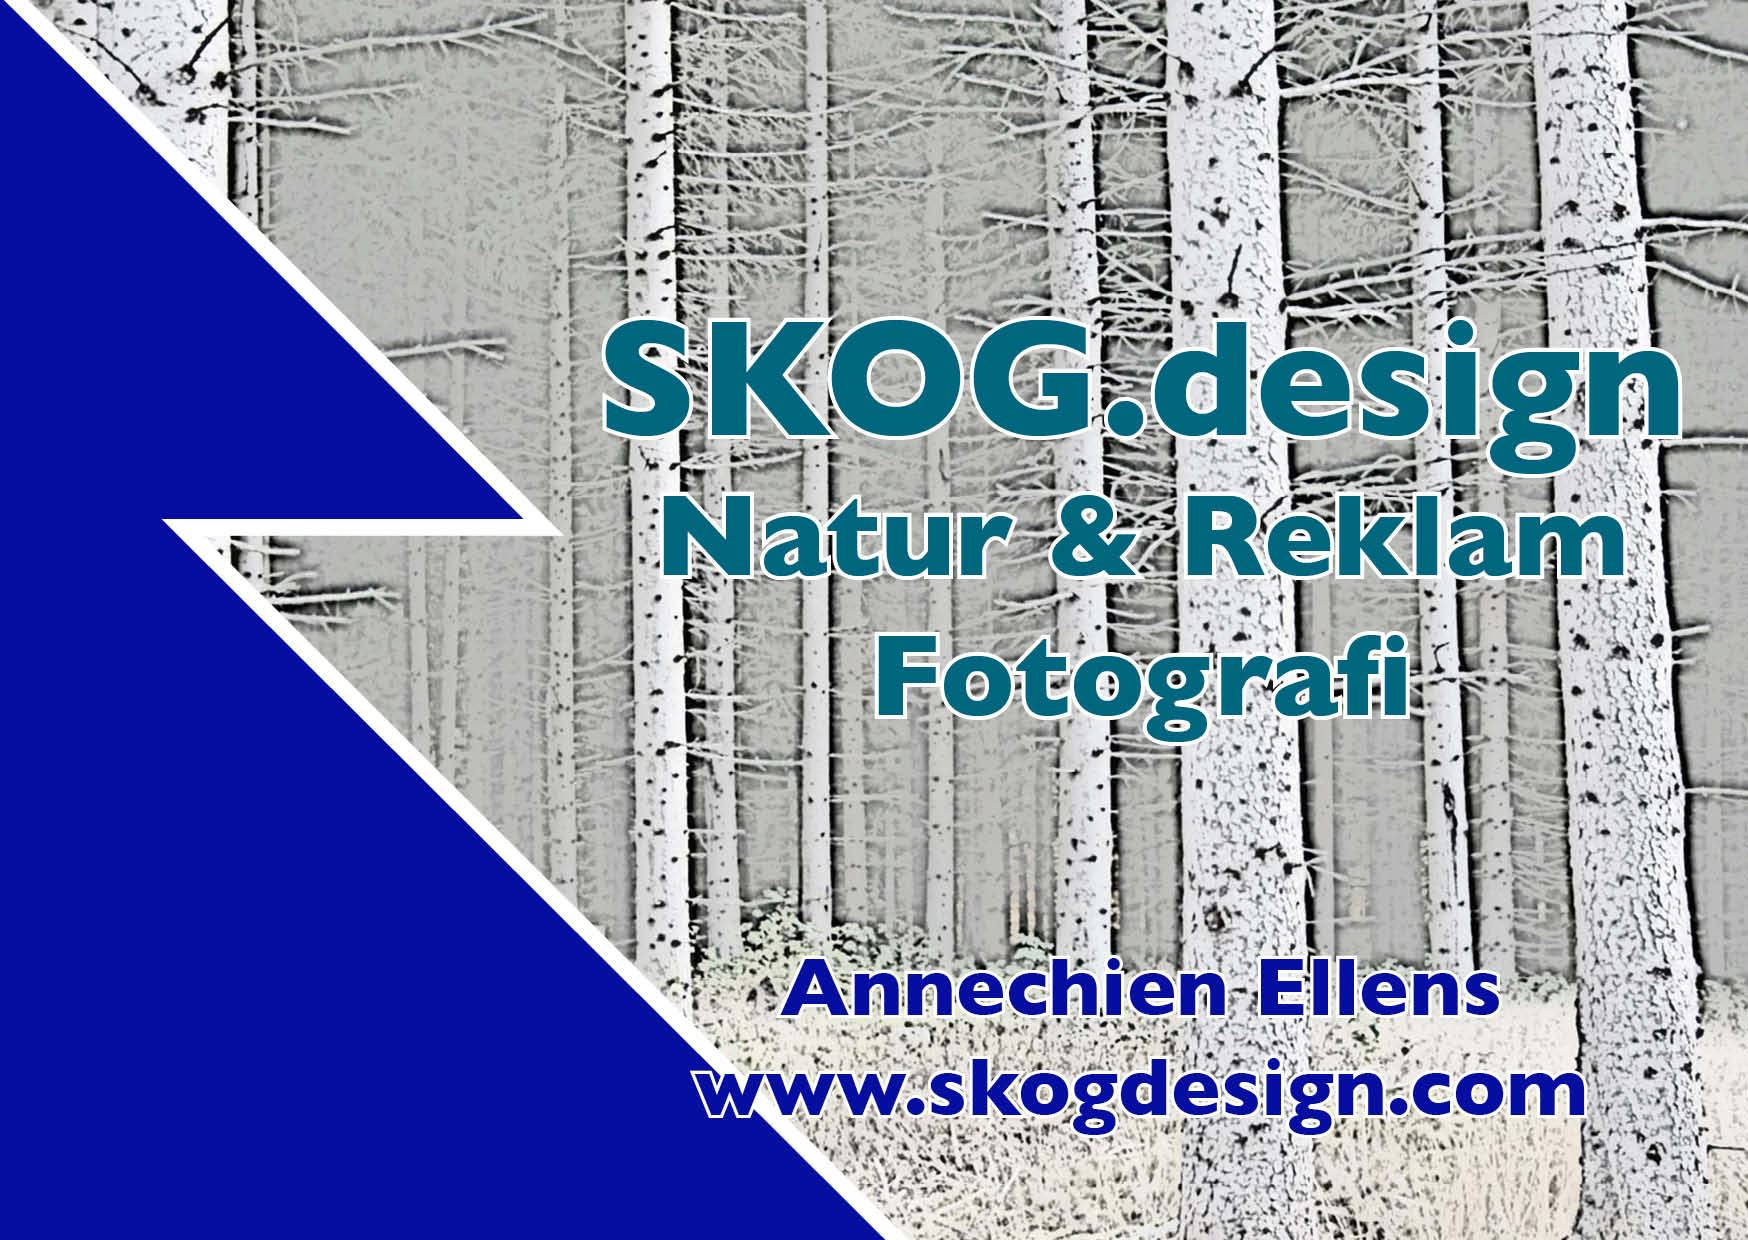 SKOG.design